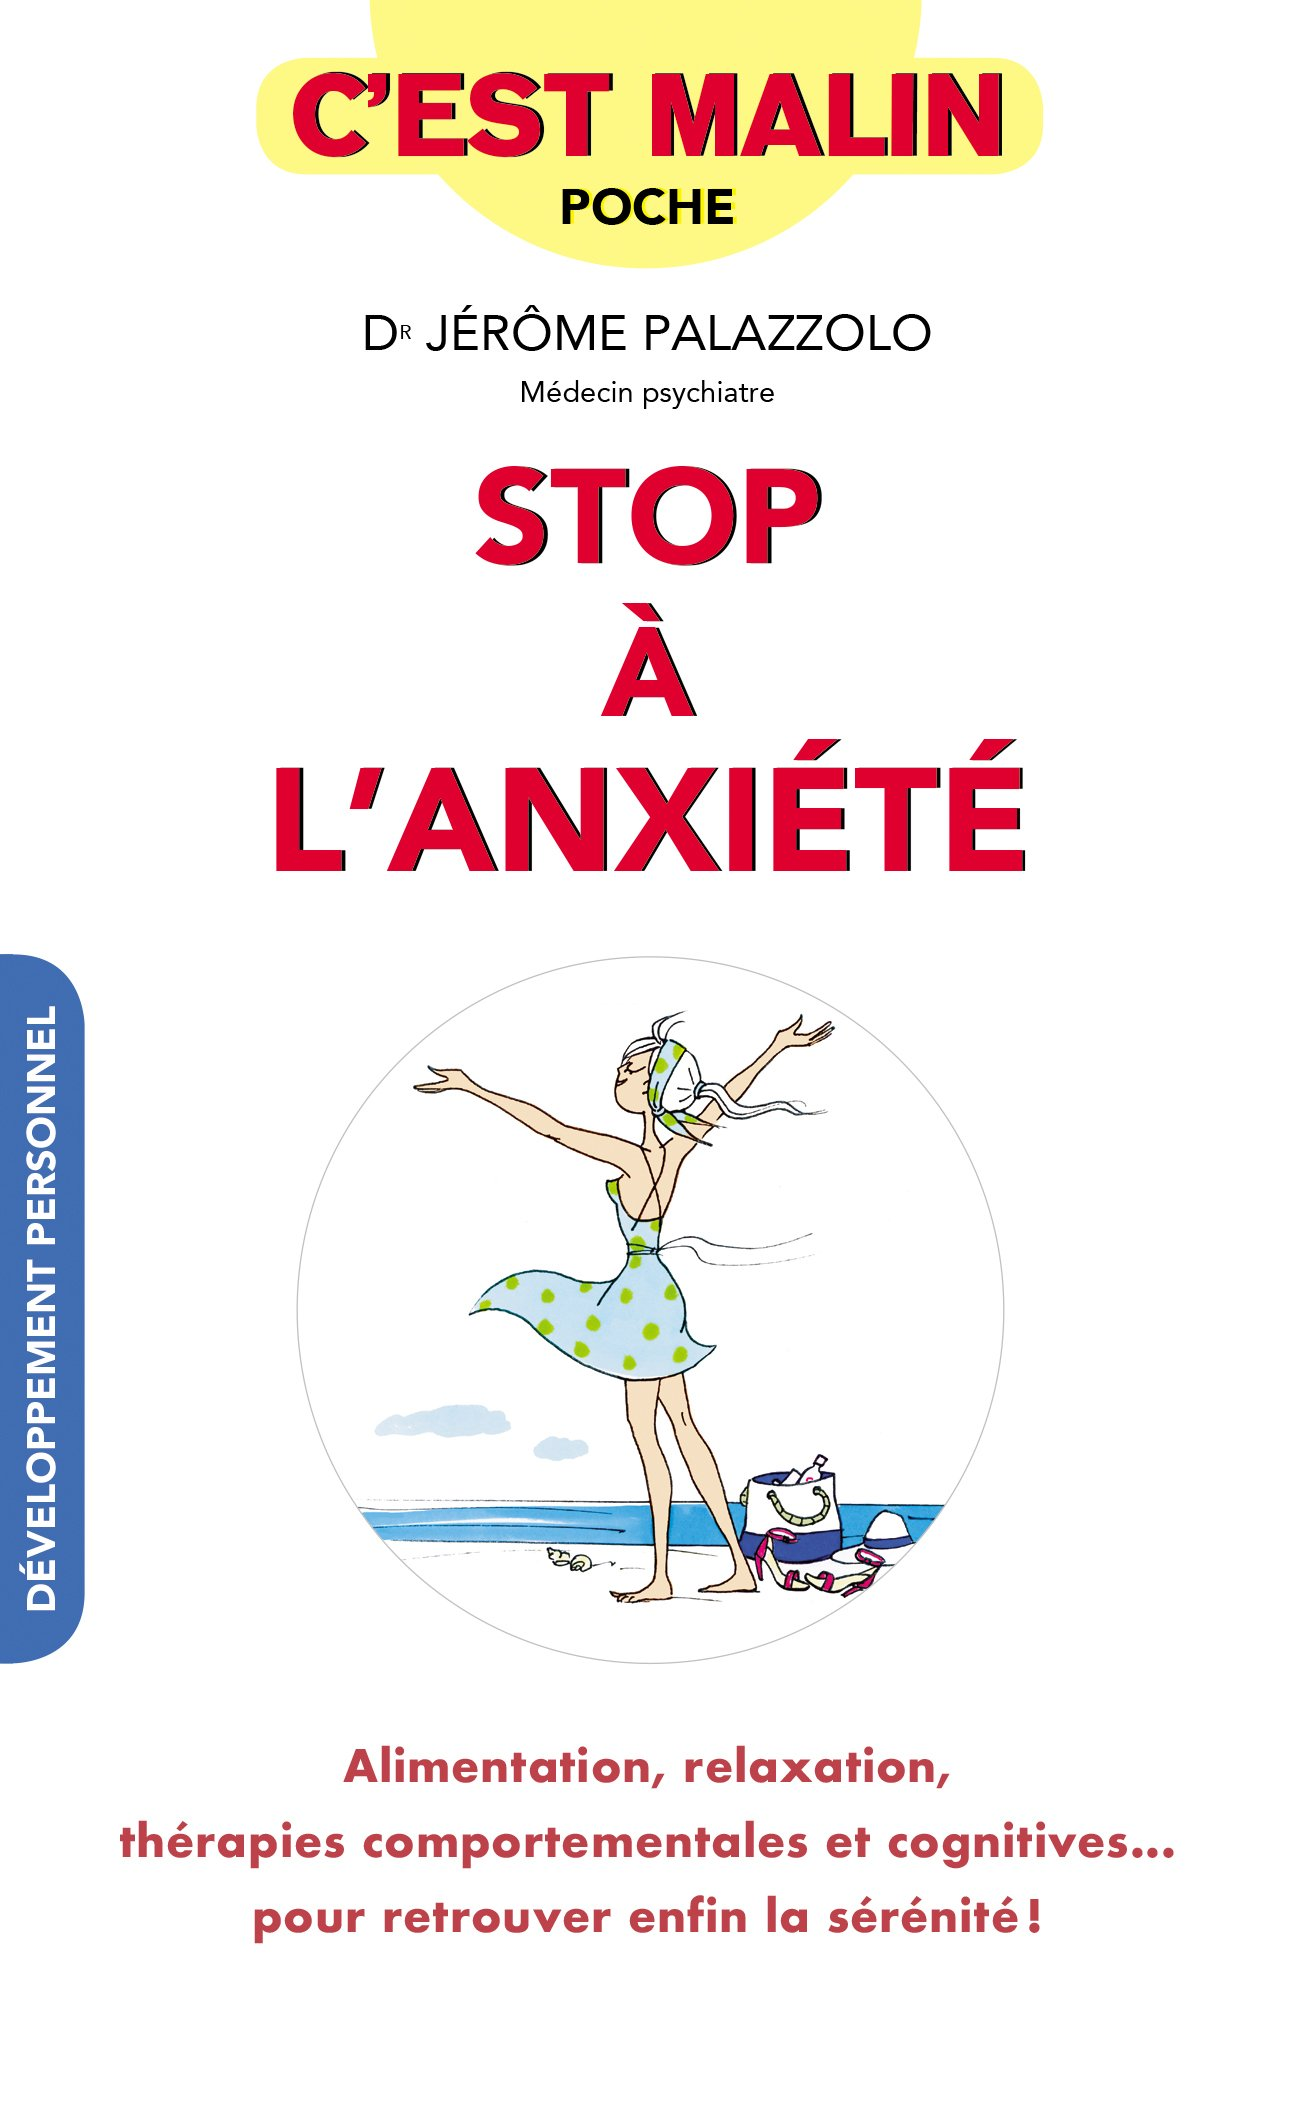 Stop à l'anxiété, c'est malin : Alimentation, relaxation, thérapies comportementales et cognitives... pour retrouver enfin la sérénité !